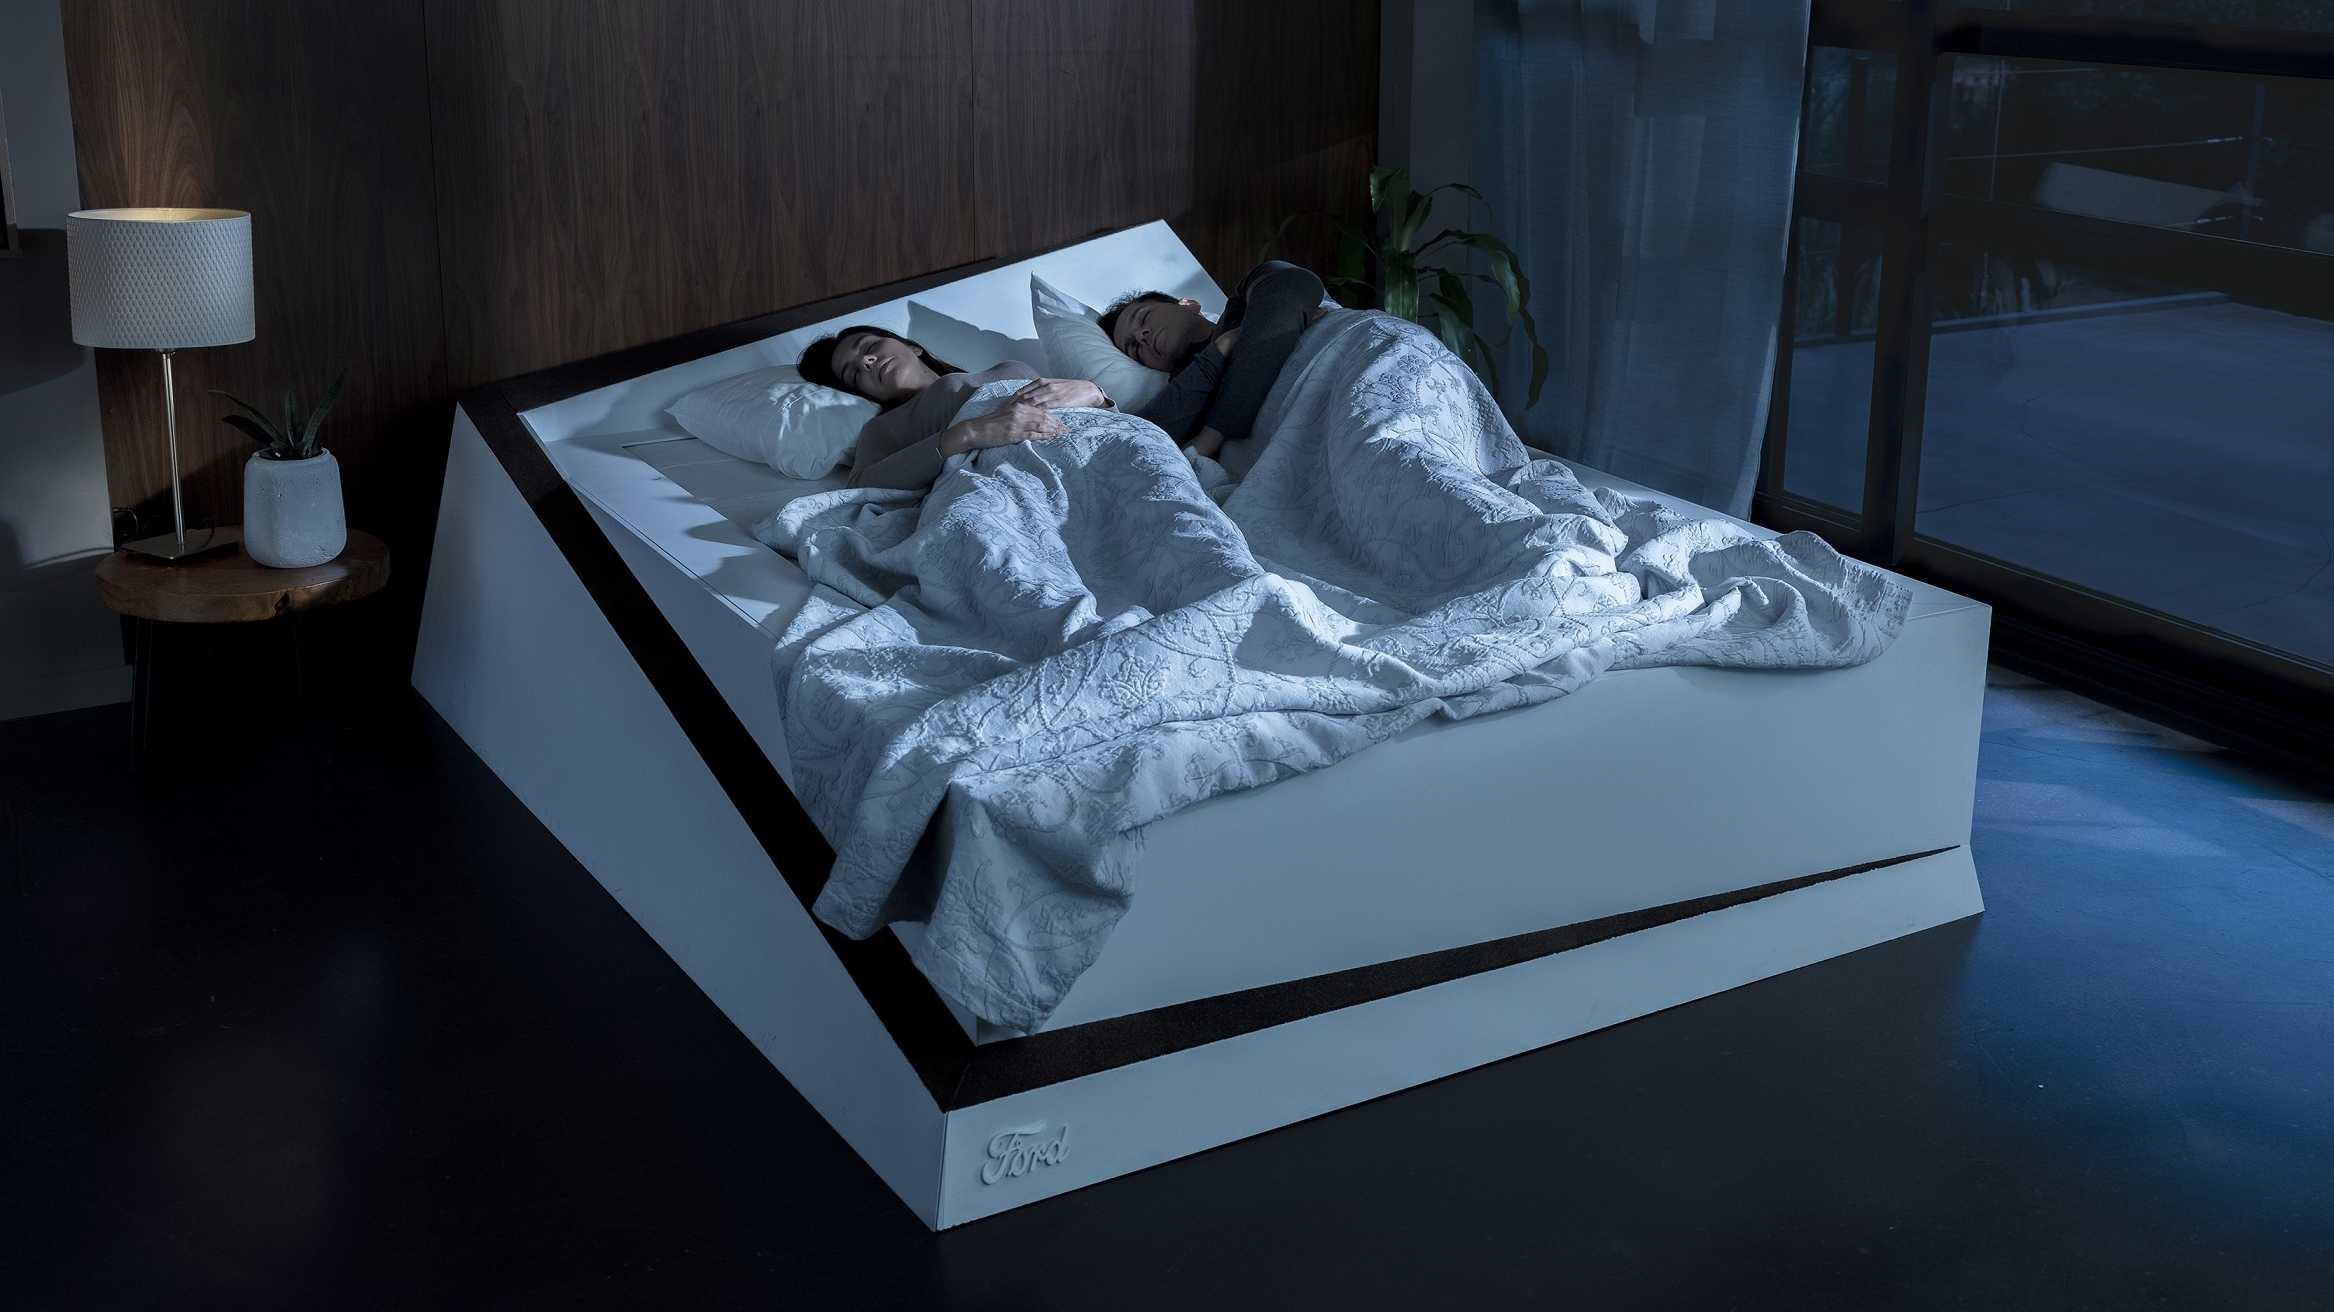 """Fords """"Spurhalte-Bett"""" sorgt für ausreichend Platz auf der Matratze"""